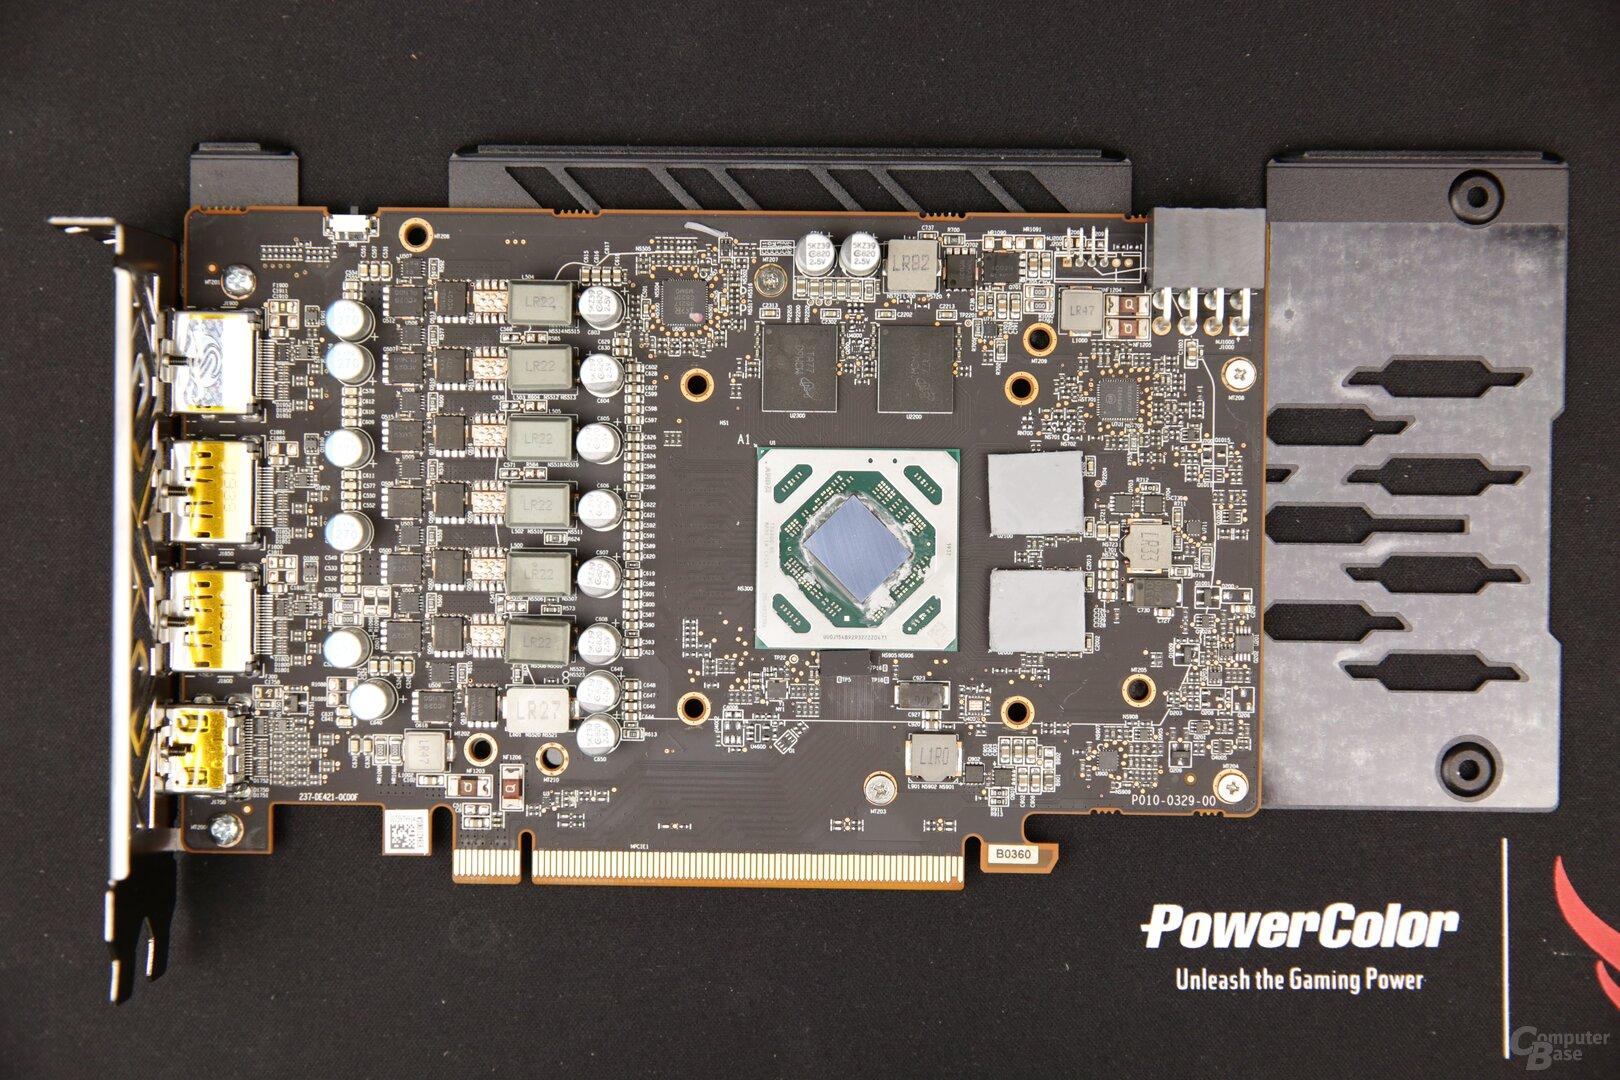 Die Radeon RX 5500 XT ist immer nur über 8 PCIe-Lanes angebunden